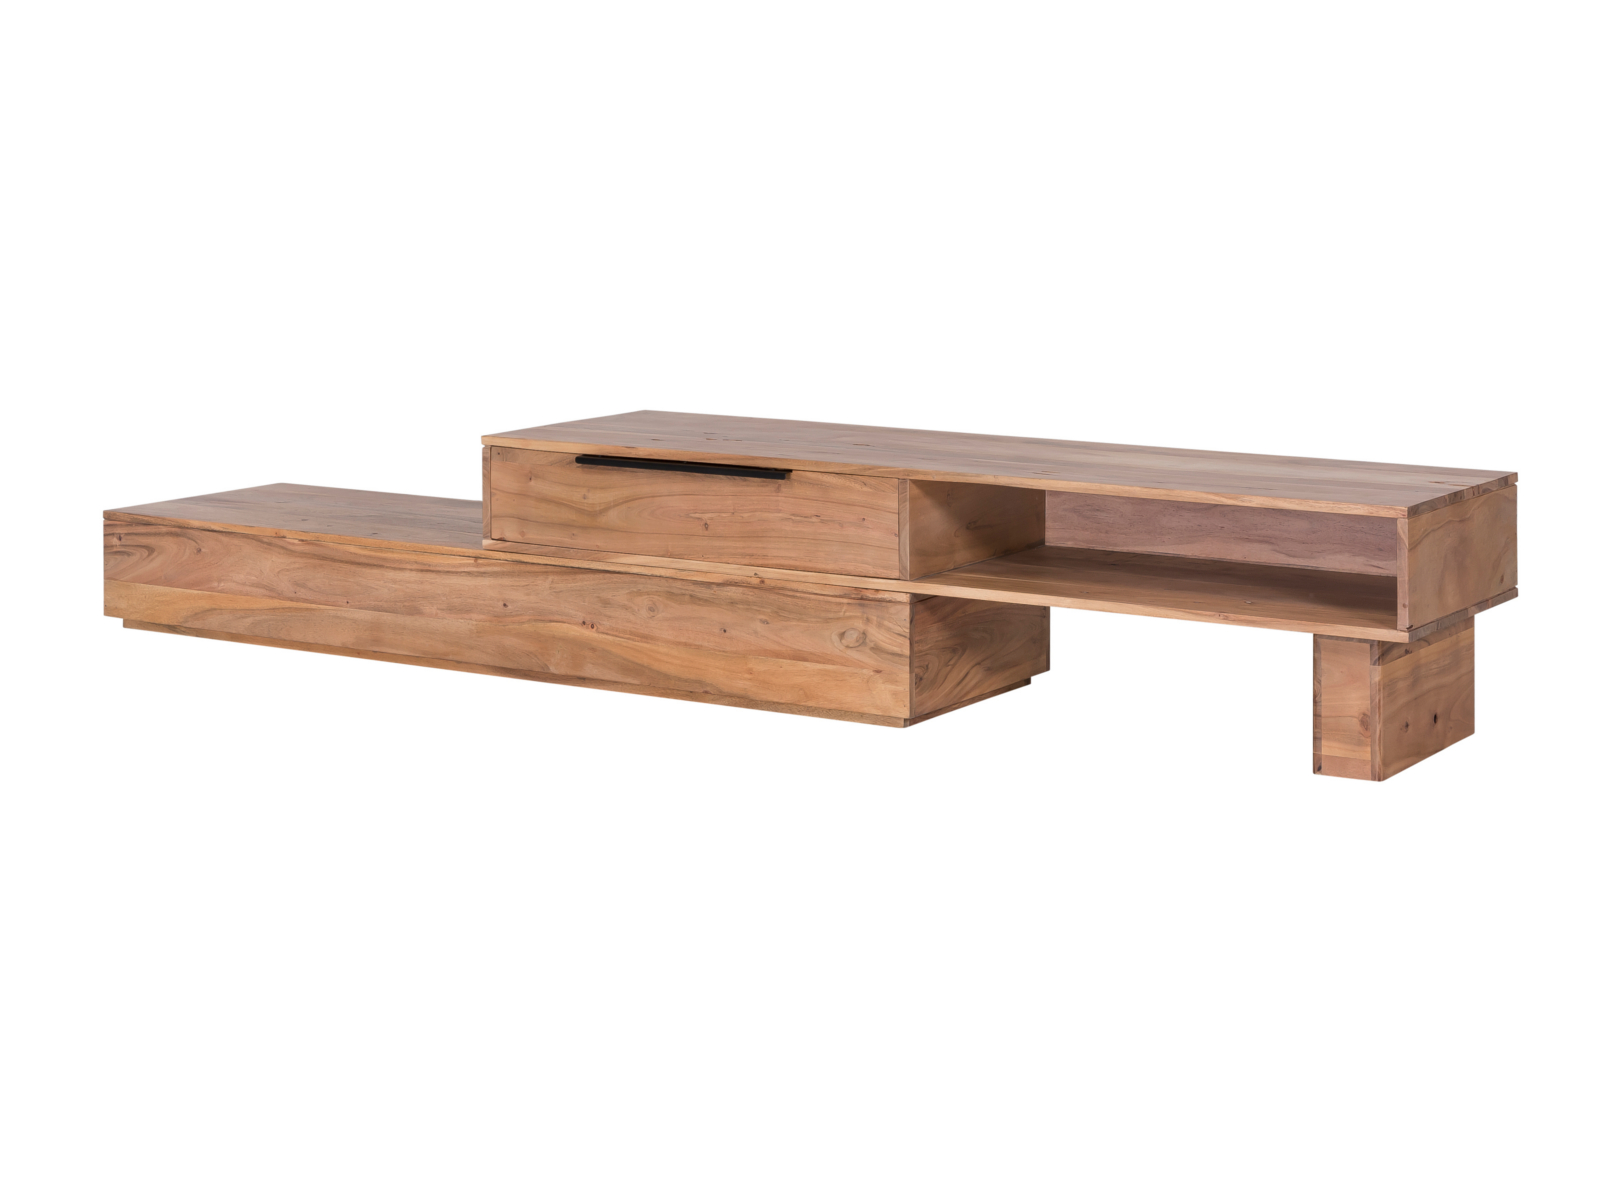 tv bank auckland variabel lowboard akazie massiv holz fernsehbank fernsehtisch ebay. Black Bedroom Furniture Sets. Home Design Ideas